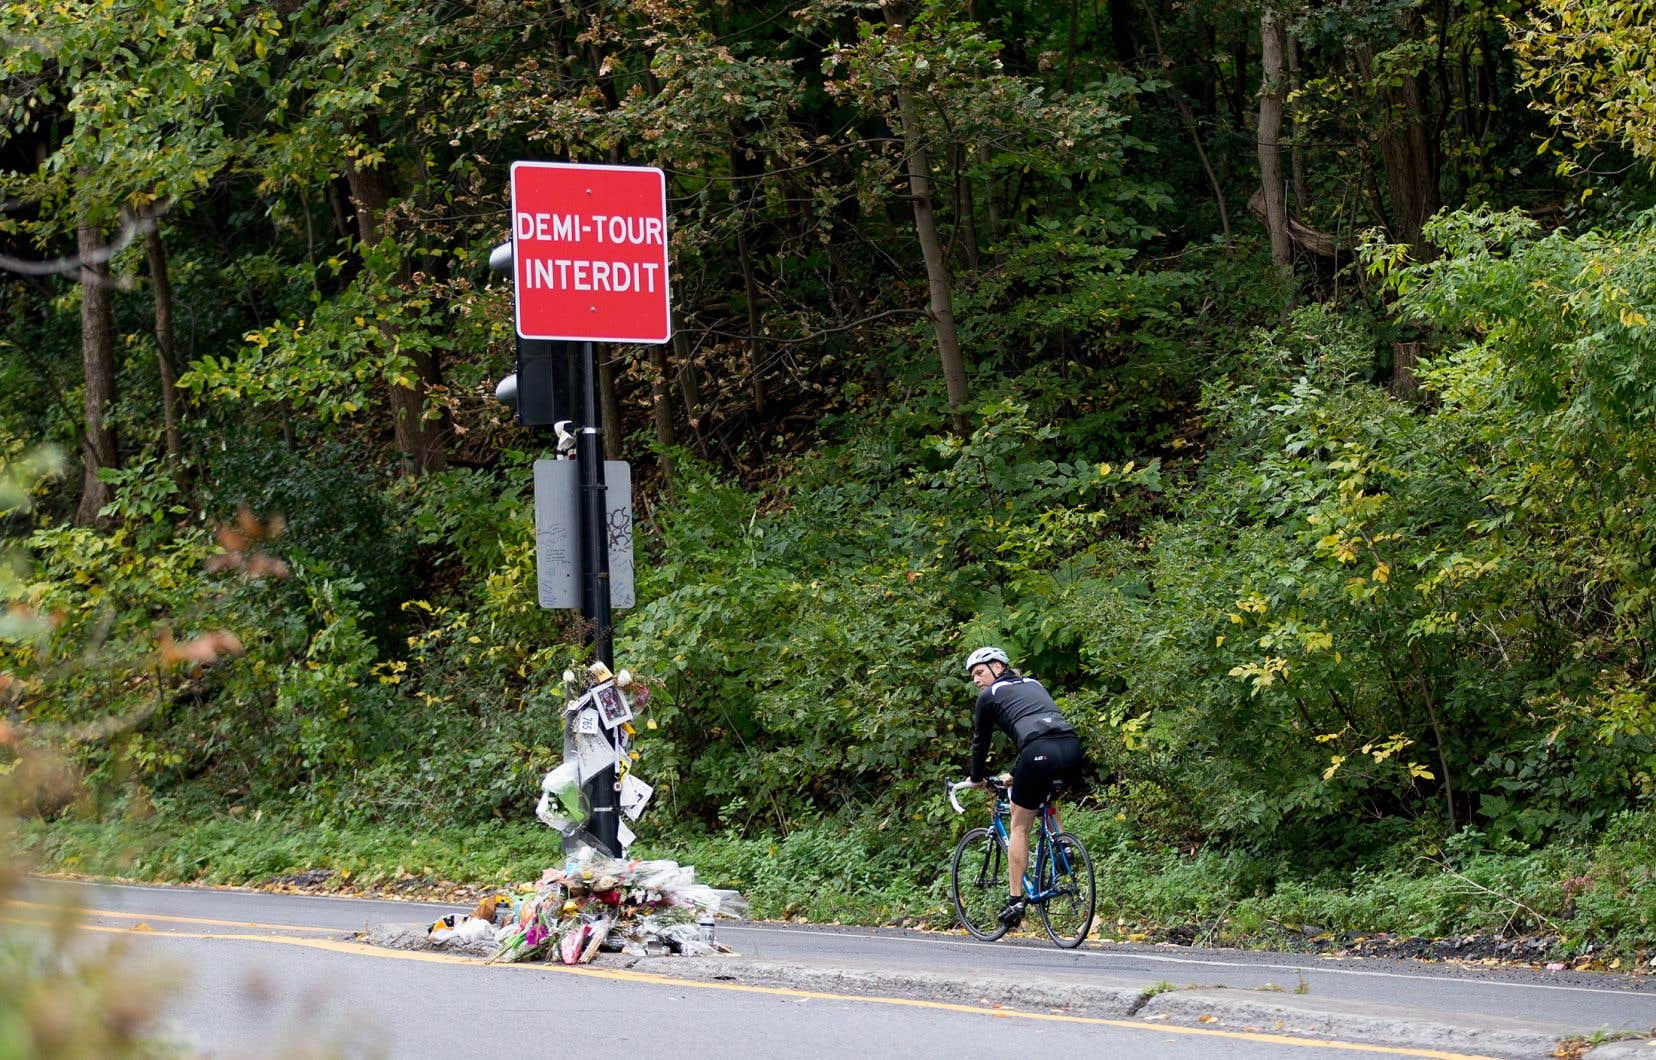 La Ville a fait installer des panneaux signalant l'interdiction d'effectuer des demi-tours sur la voie Camilien-Houde, à l'endroit où un jeune homme de 18ans a été frappé par un automobiliste le 4octobre dernier.